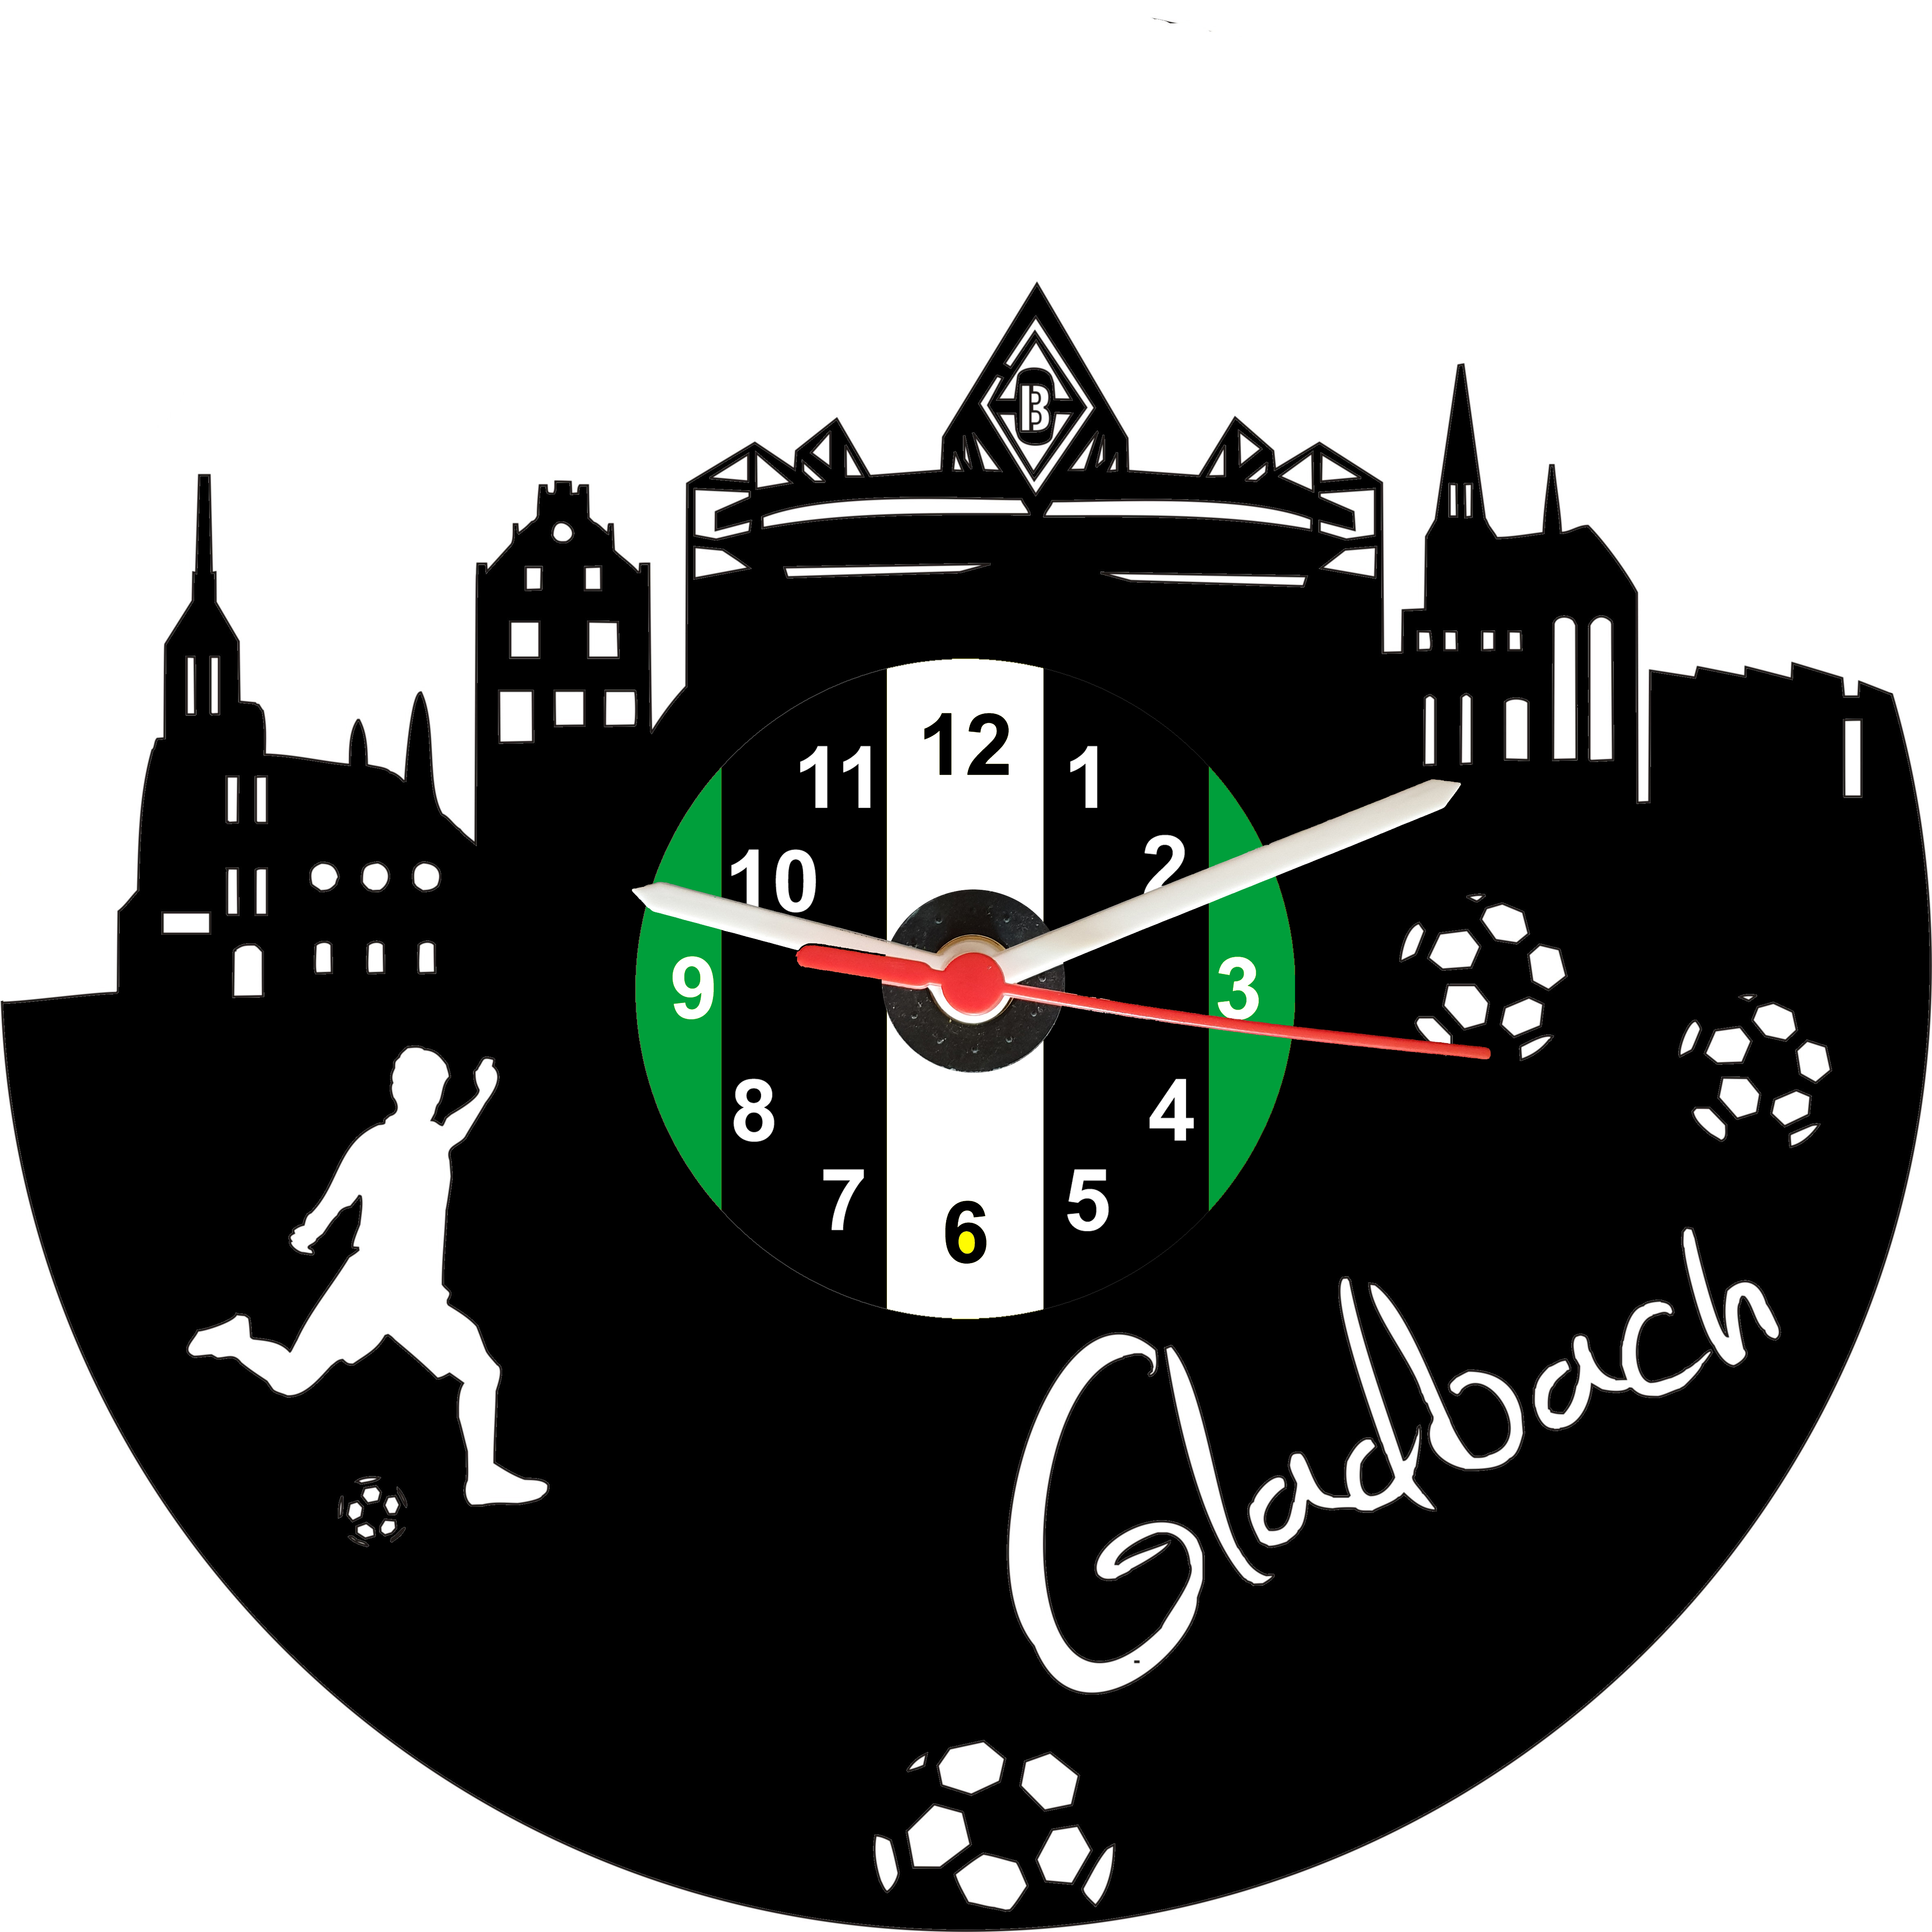 Gladbach Fanartikel